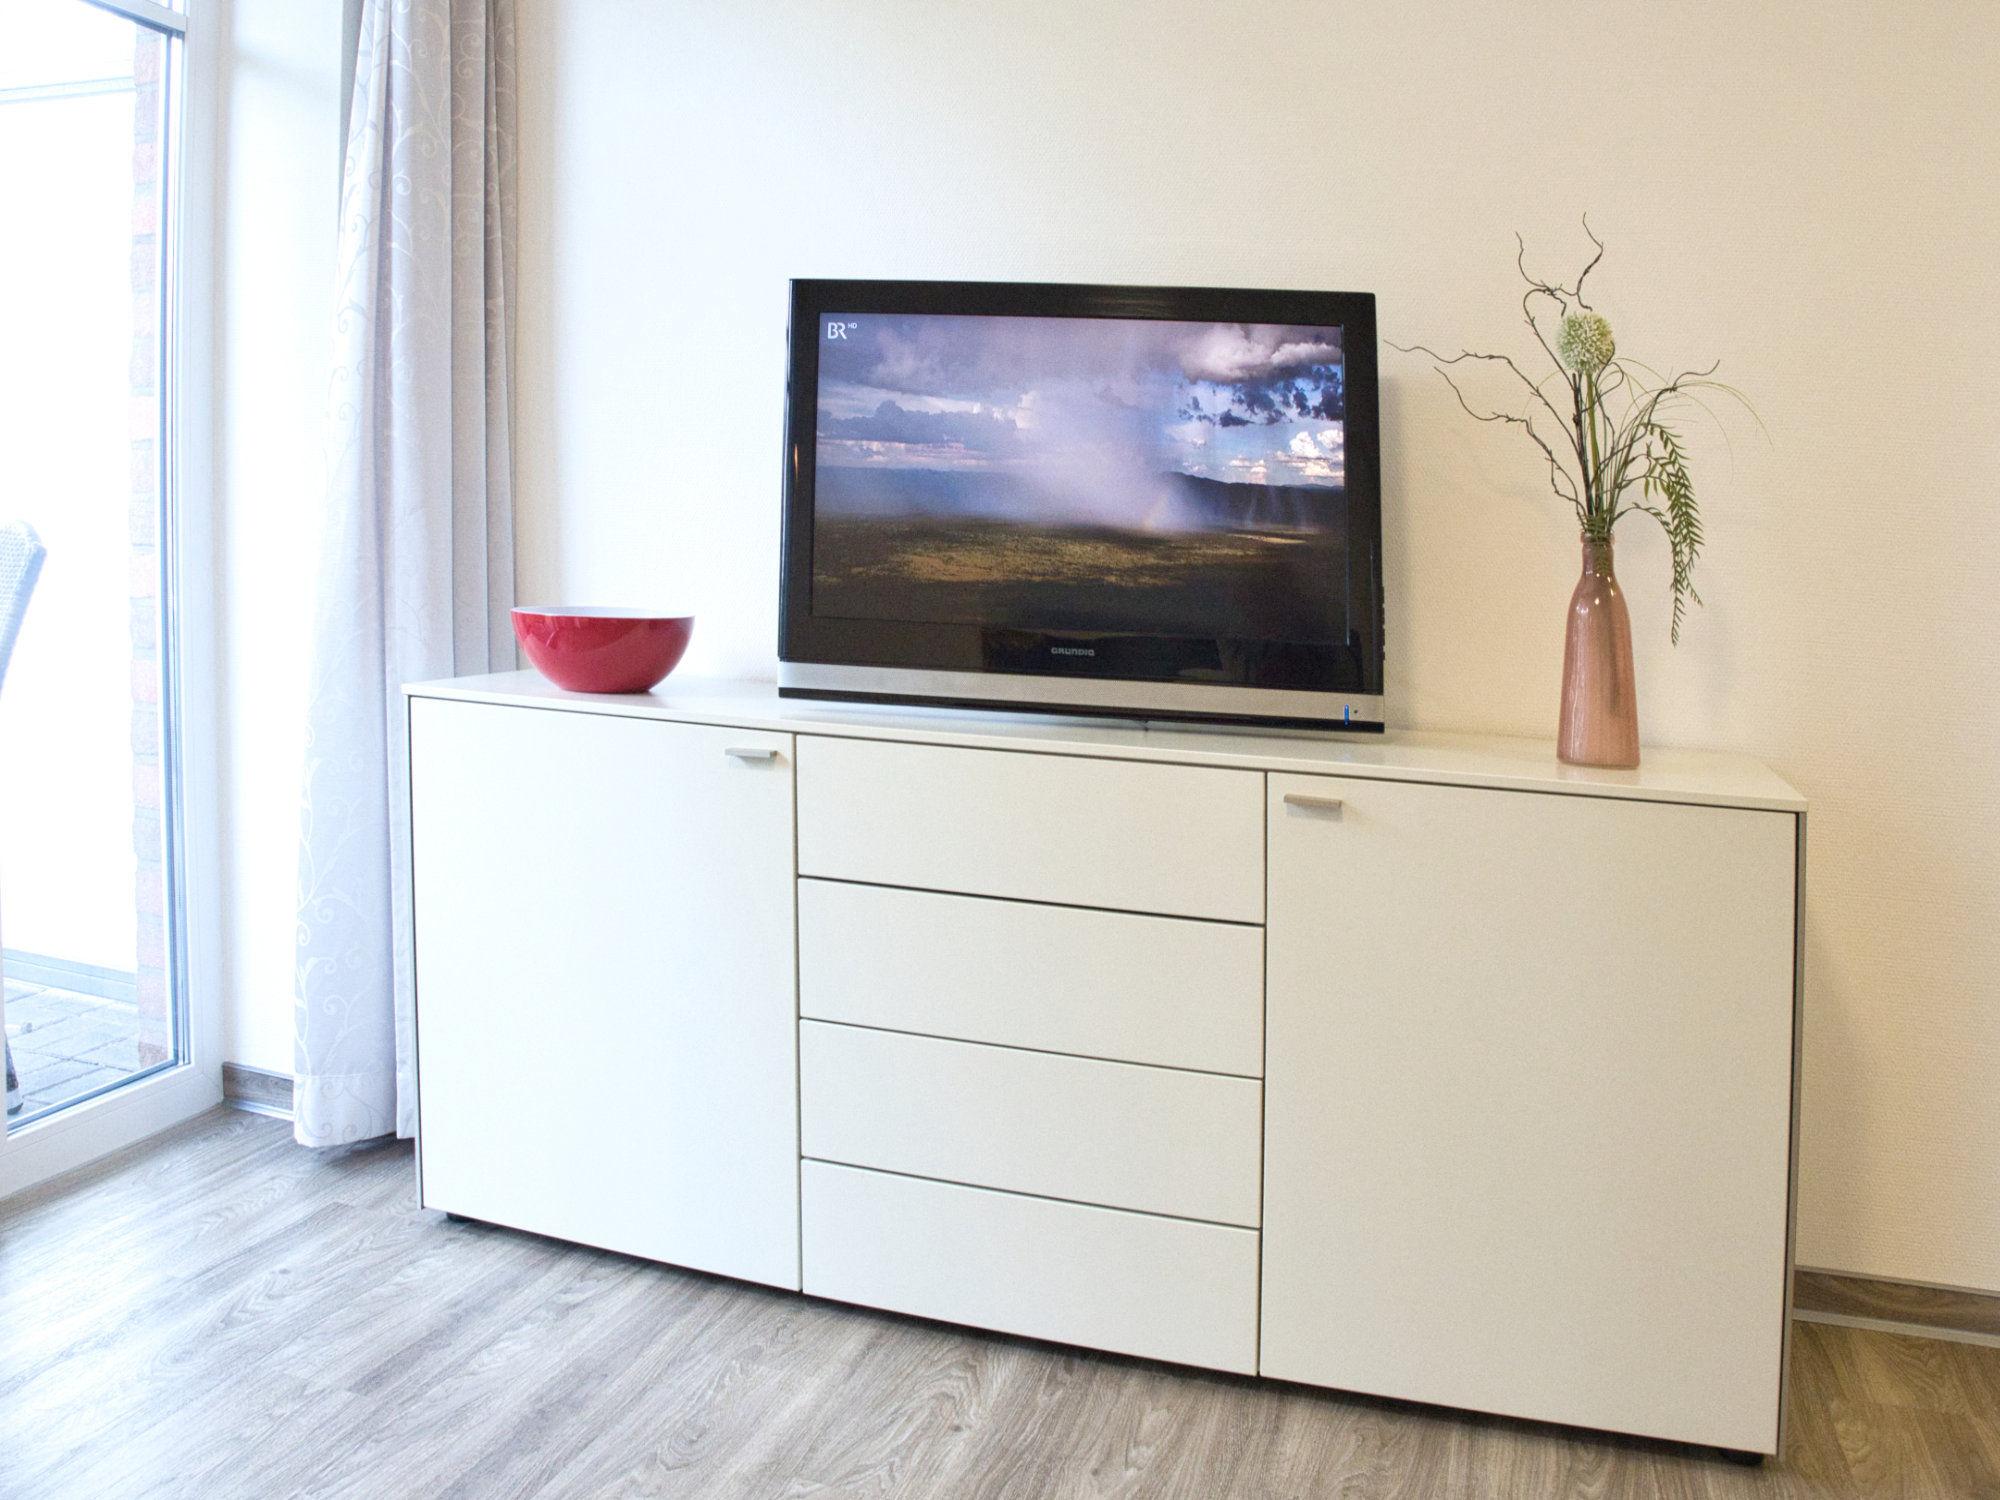 Wohnzimmer Sideboard mit Flatscreen TV